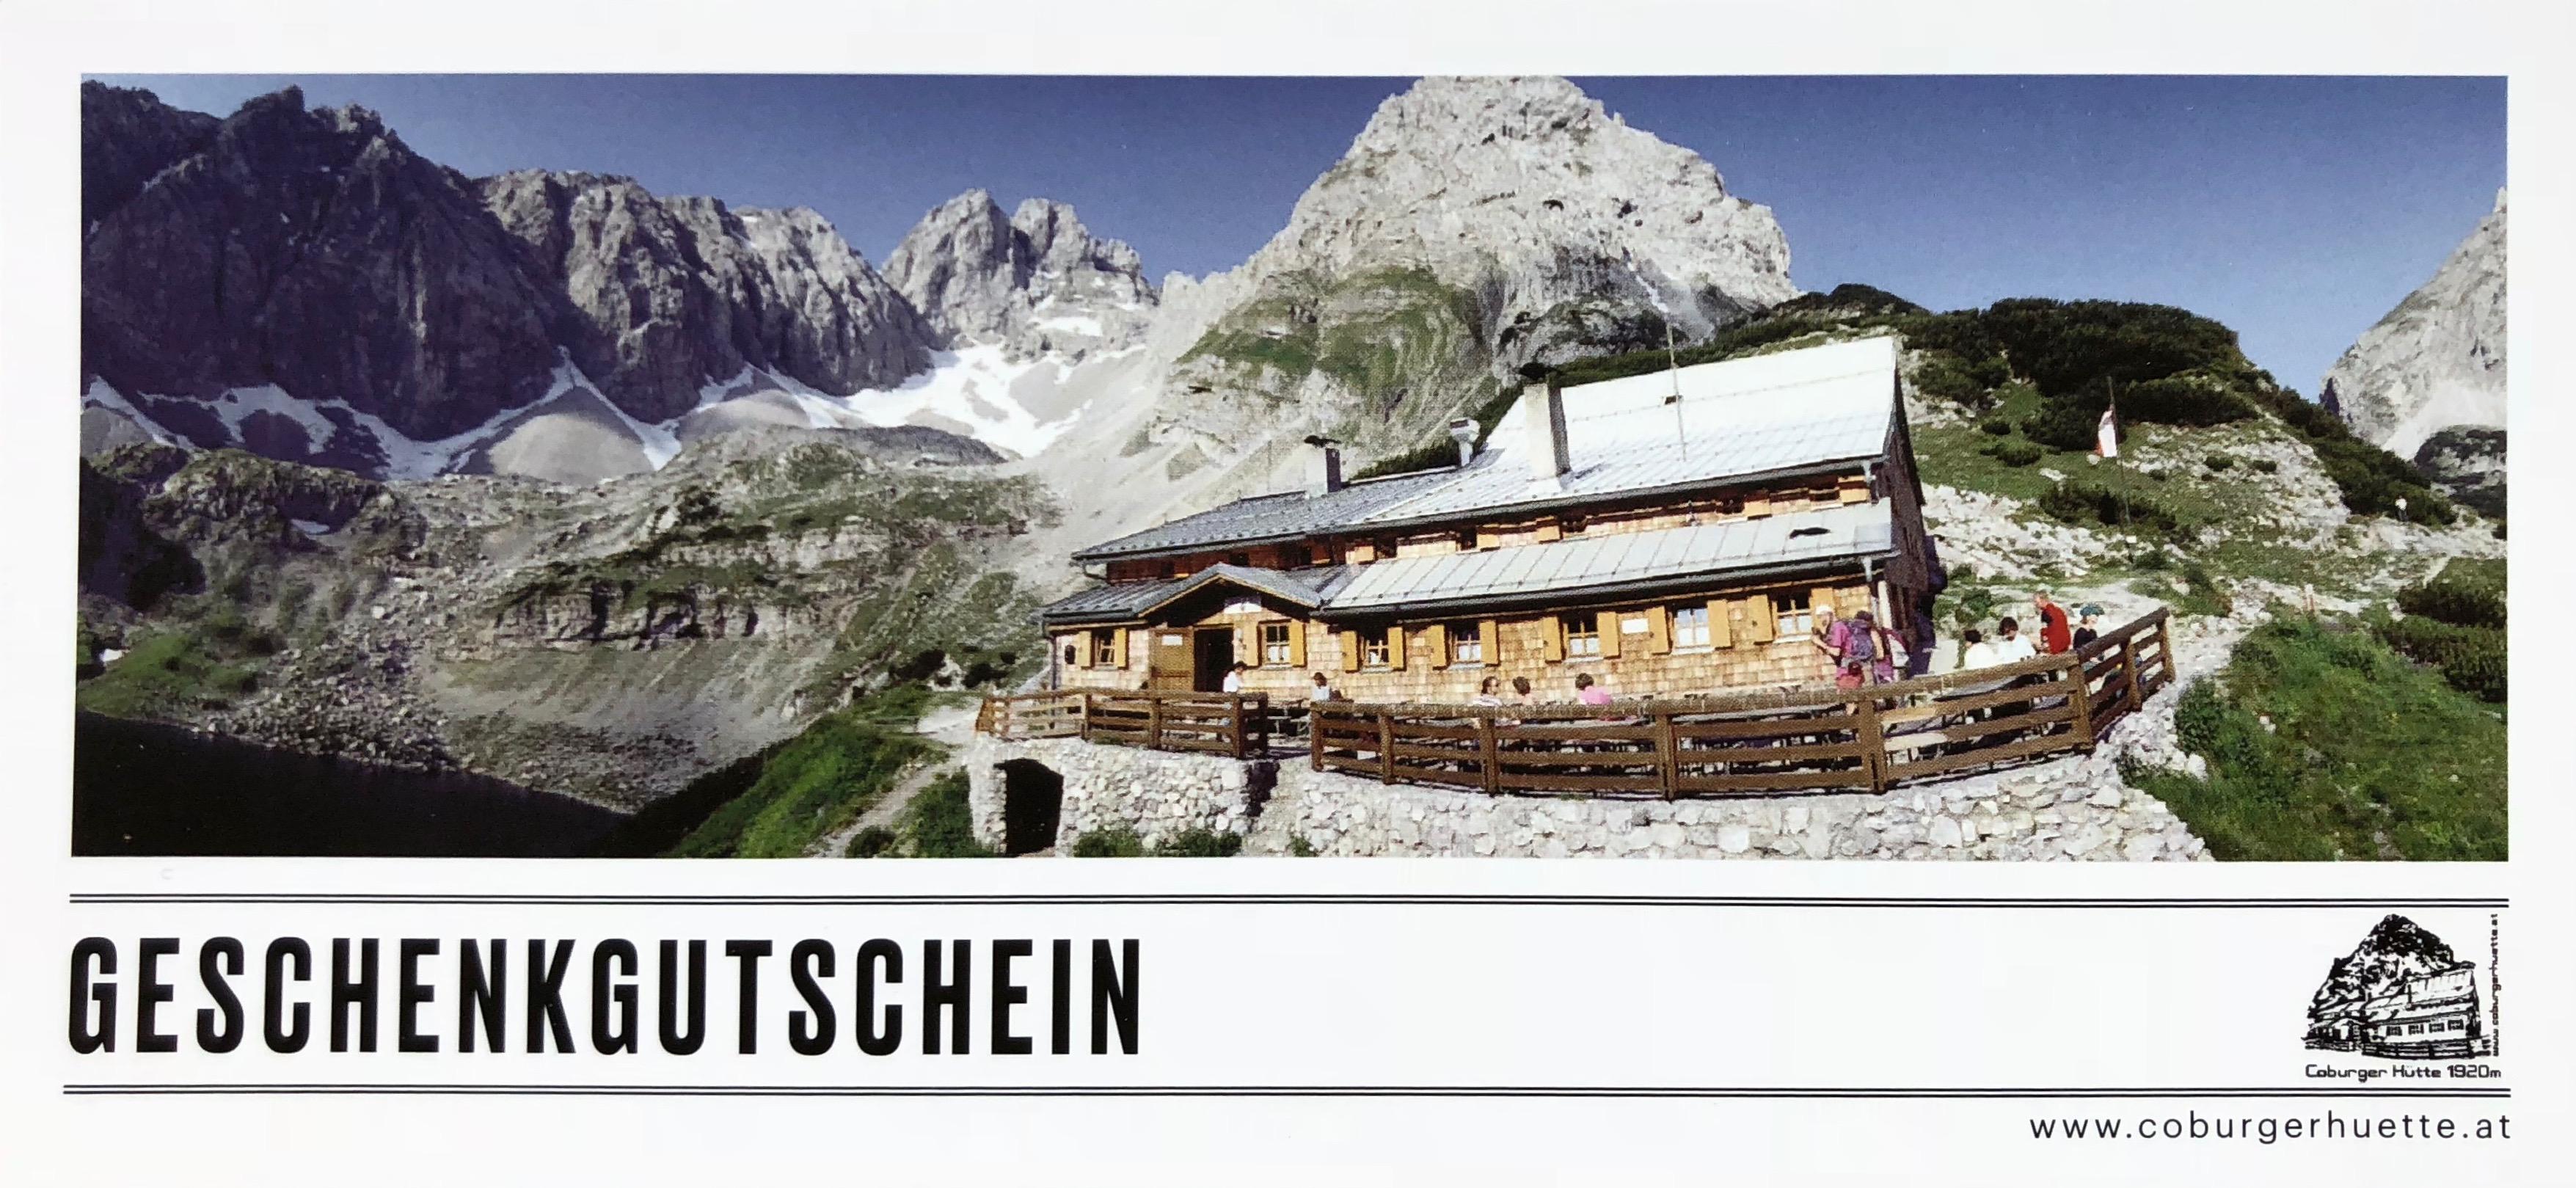 Geschenkgutschein Coburger Hütte Ehrwald Tirol